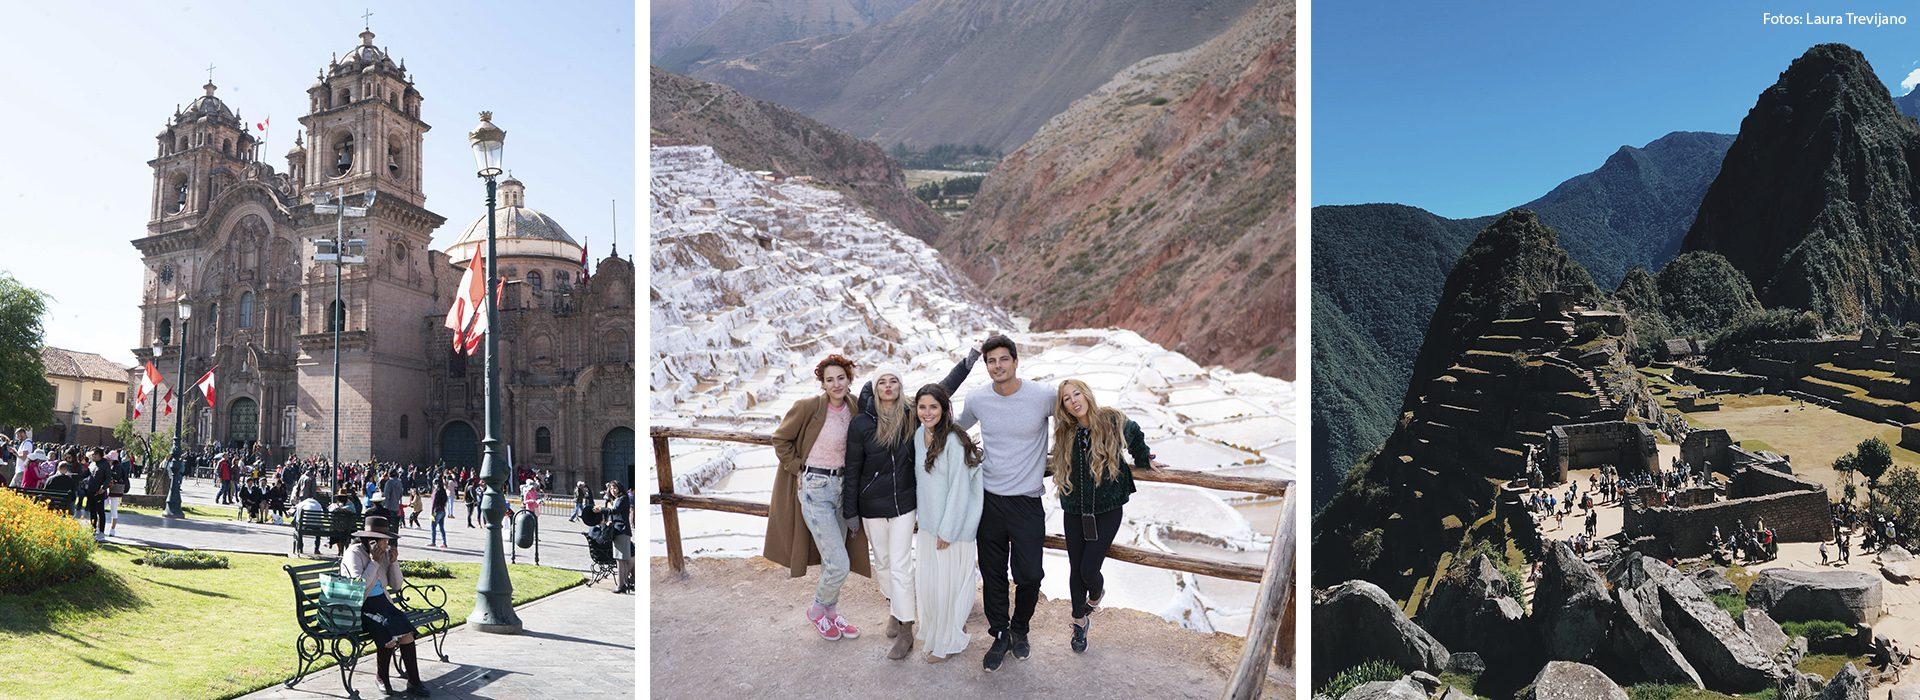 Perú: un viaje al país más rico del mundo